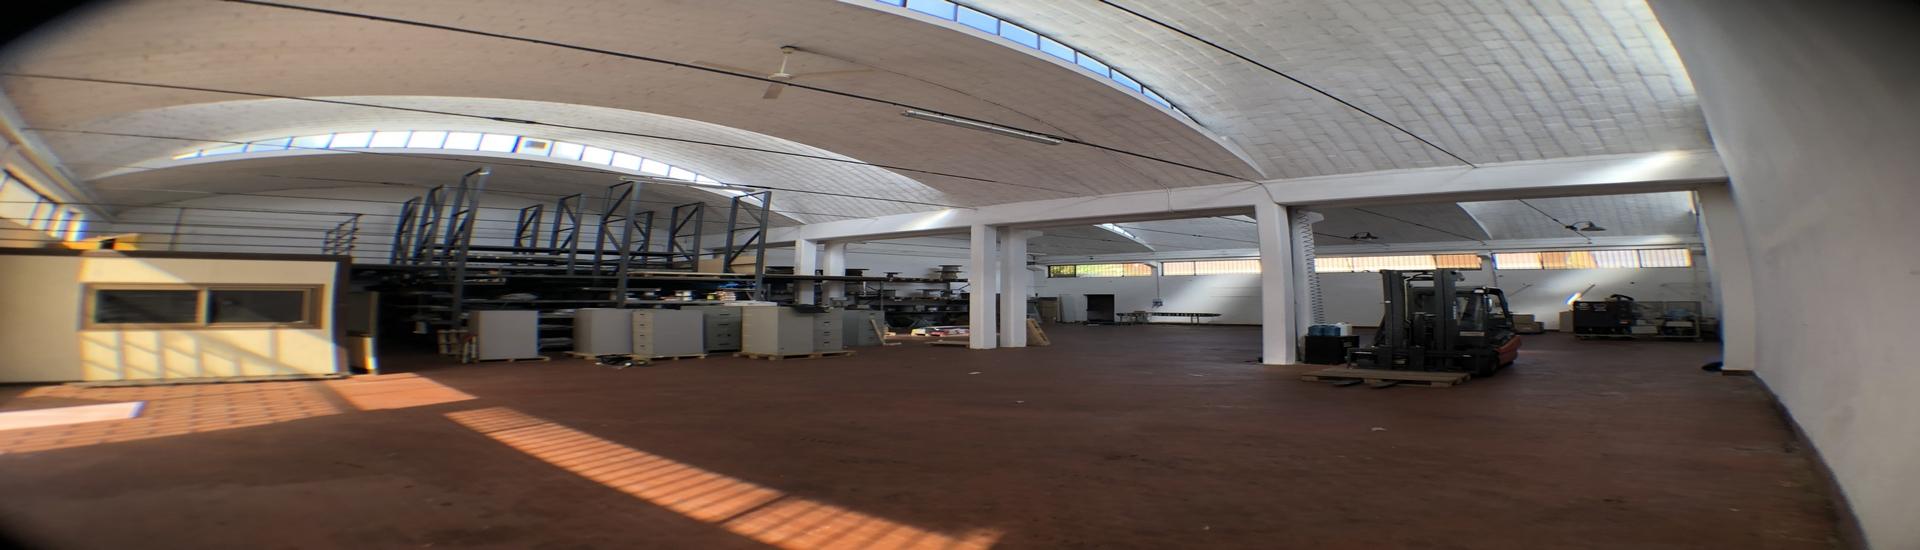 CROCETTA - CAPANNONE con ufficio, magazzino e posti auto riservati, in posizione strategica. AFFARE